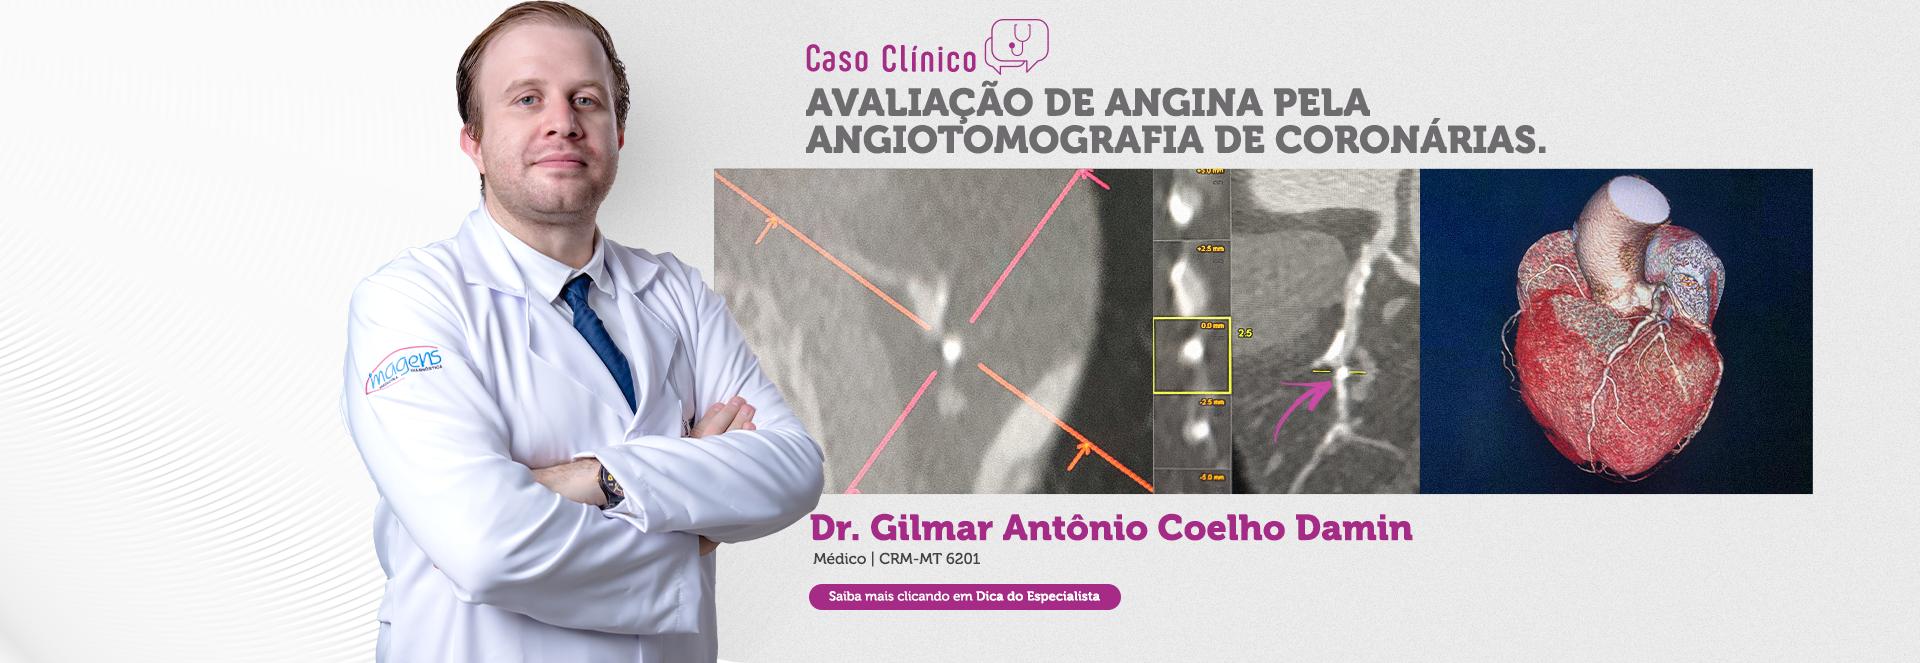 Avaliação de Angina pela Angiotomografia de Coronárias